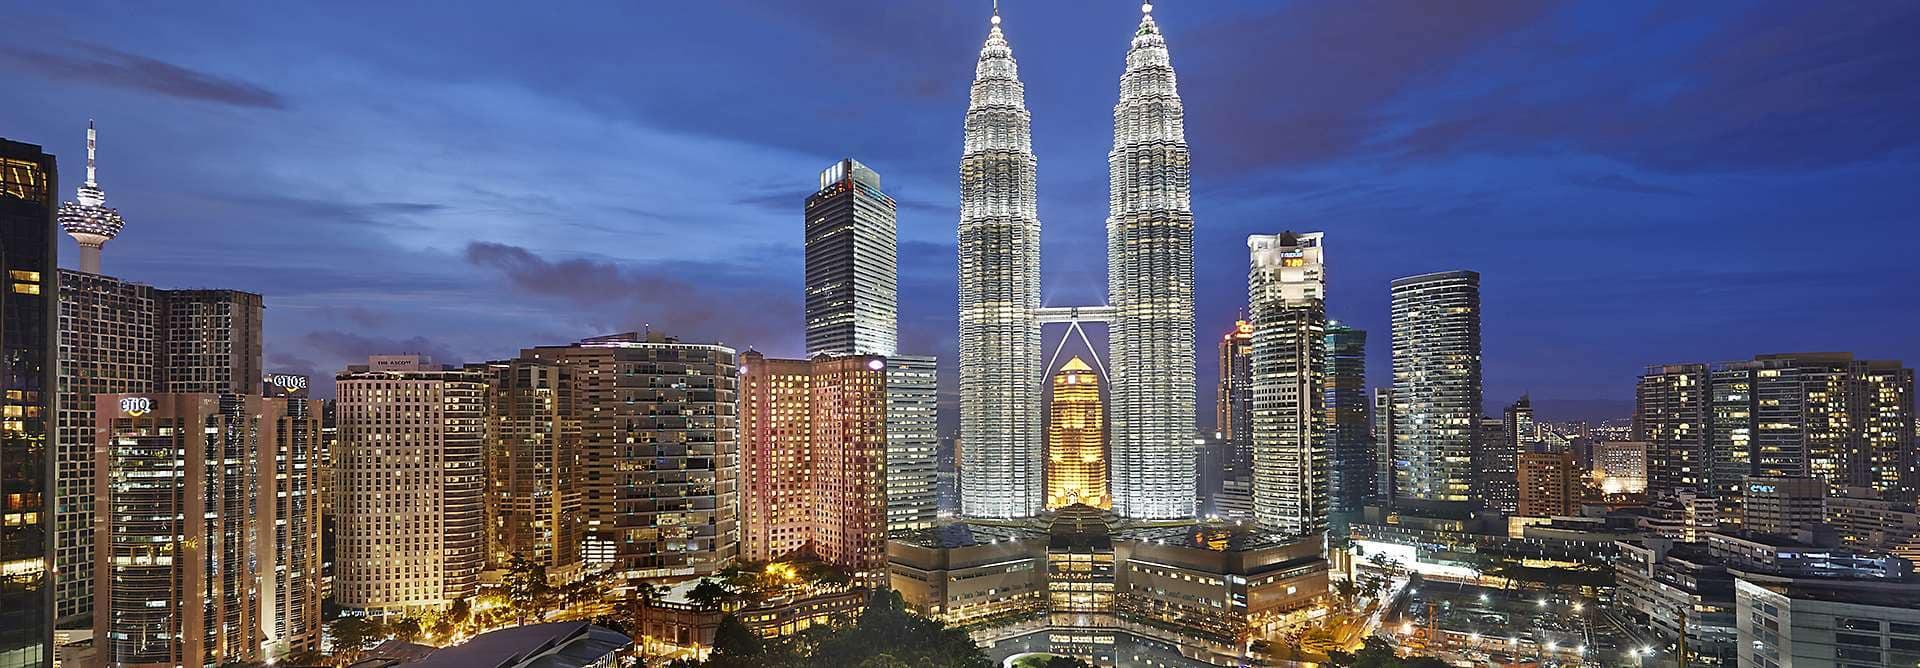 Luxury Vacation In Malaysia | Mandarin Oriental, Kuala Lumpur on